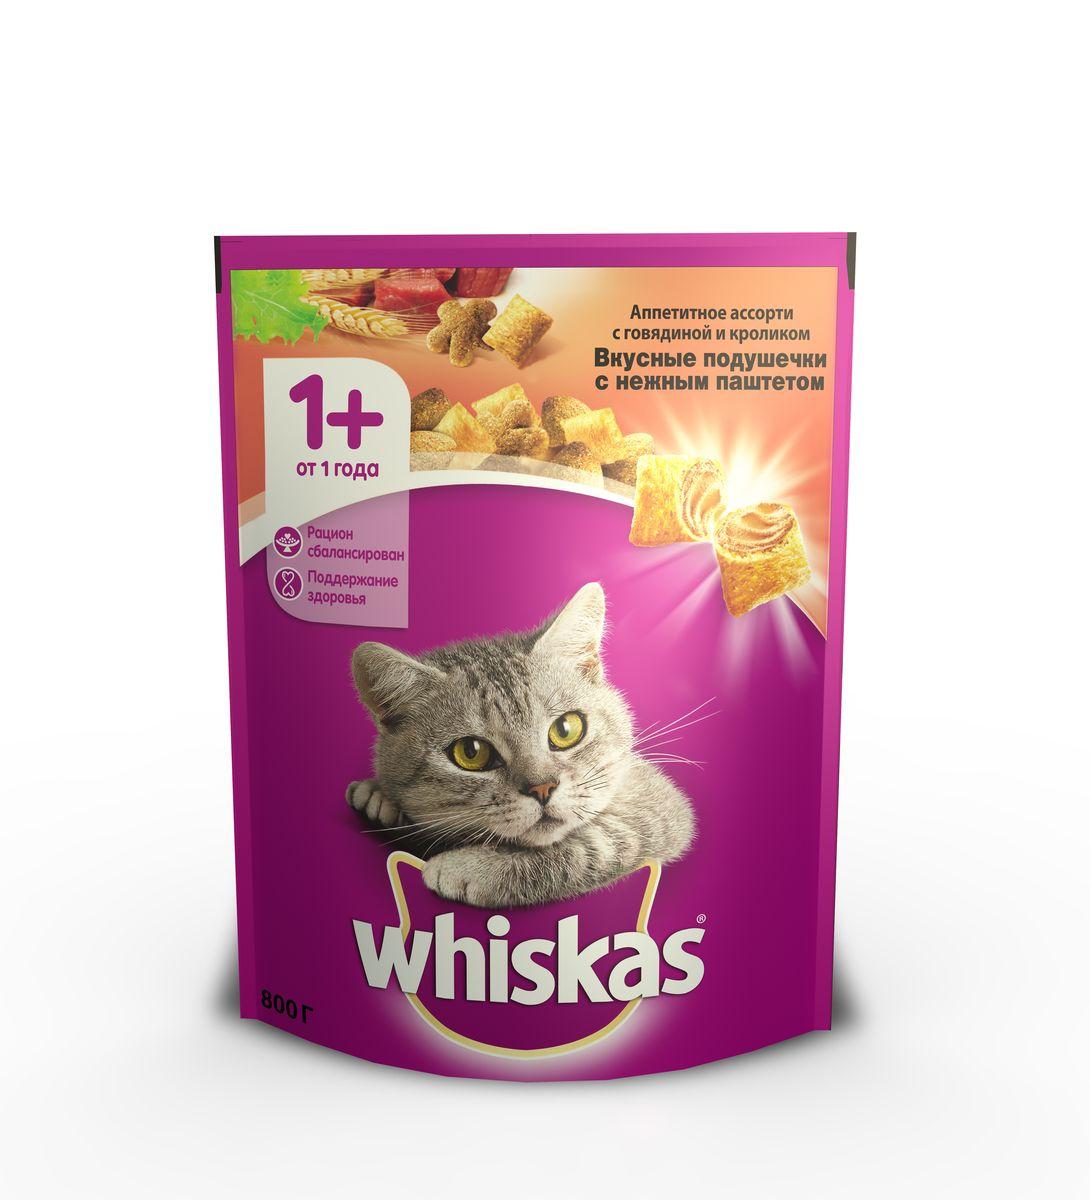 Корм сухой Whiskas для взрослых кошек, подушечки с паштетом с говядиной и кроликом, 800 г корм whiskas подушечки овощные говядина кролик 1 9kg 10150211